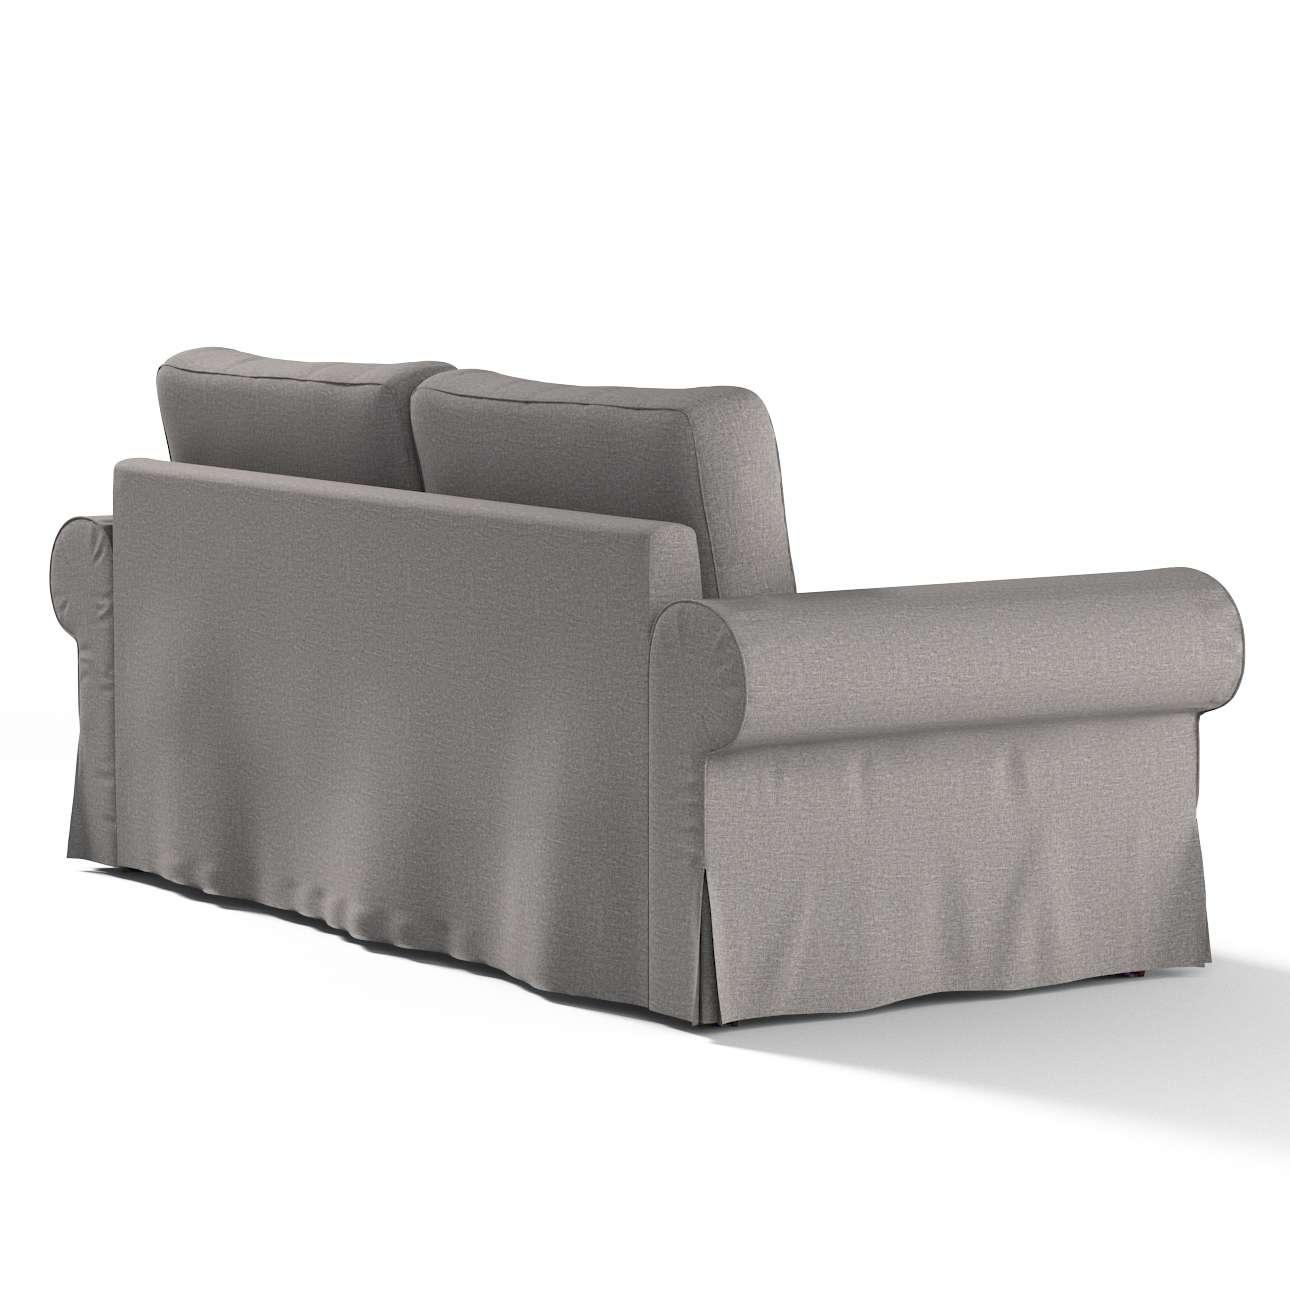 backabro 3 sitzer sofabezug ausklappbar grau dekoria. Black Bedroom Furniture Sets. Home Design Ideas